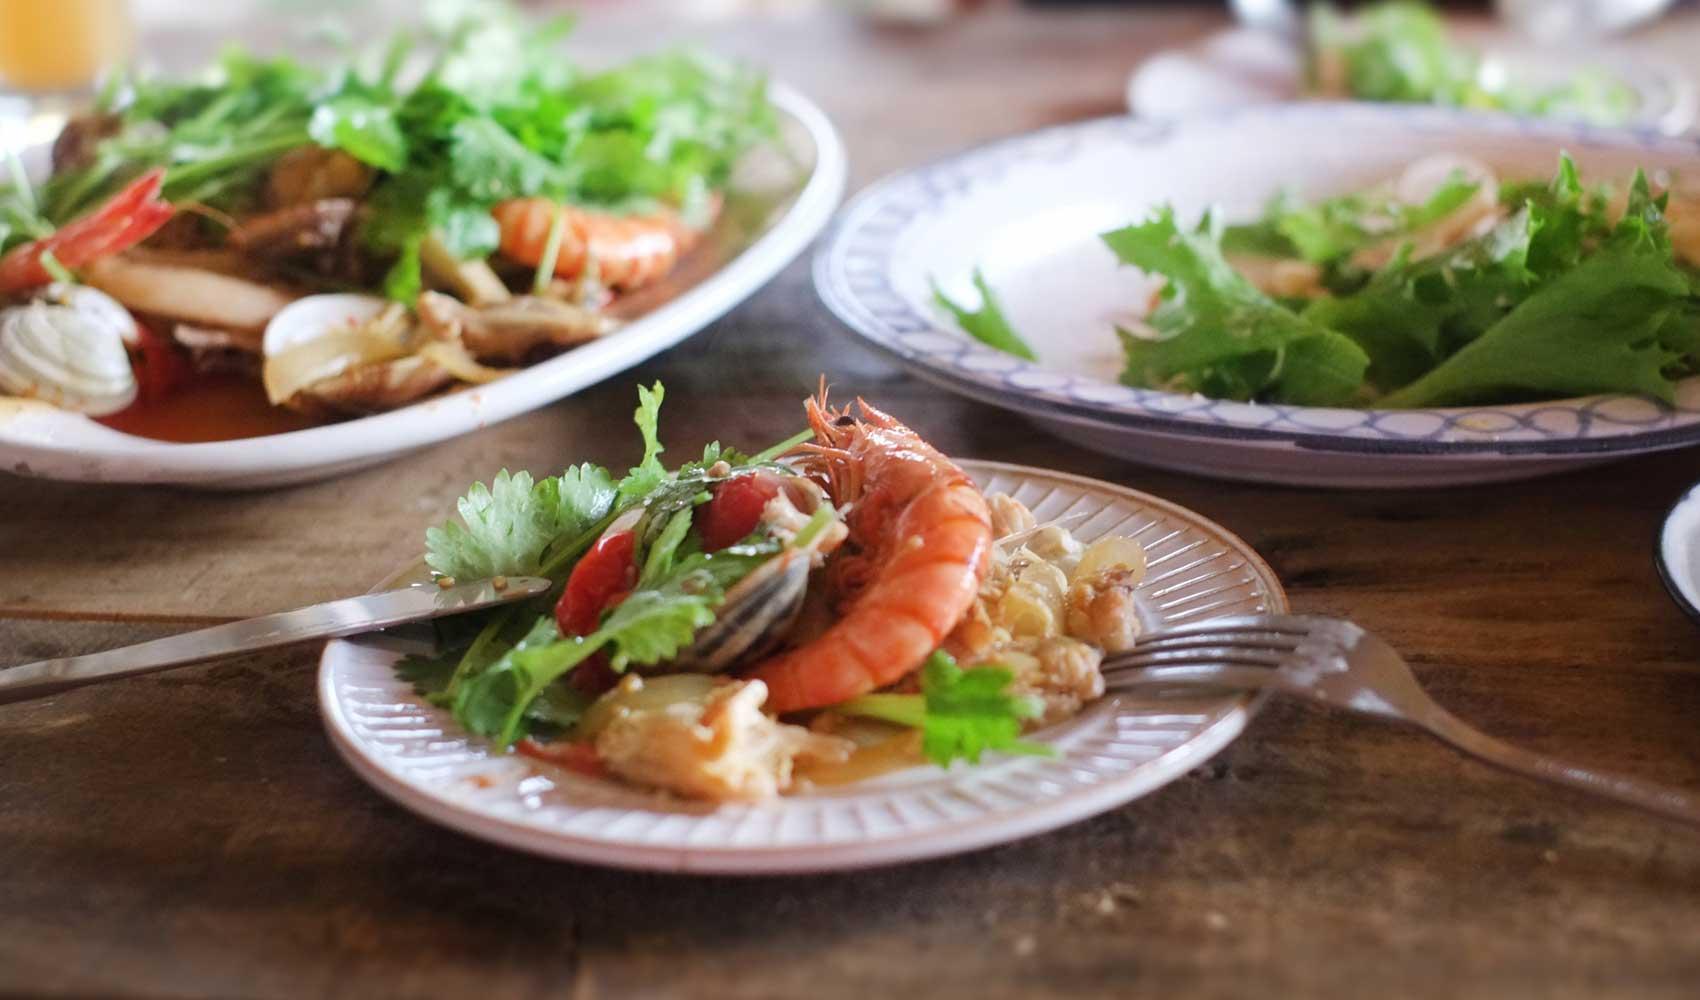 シンプルでオシャレなデザイン食器10選!定番の海外ブランドからオシャレな北欧ブランドまで!